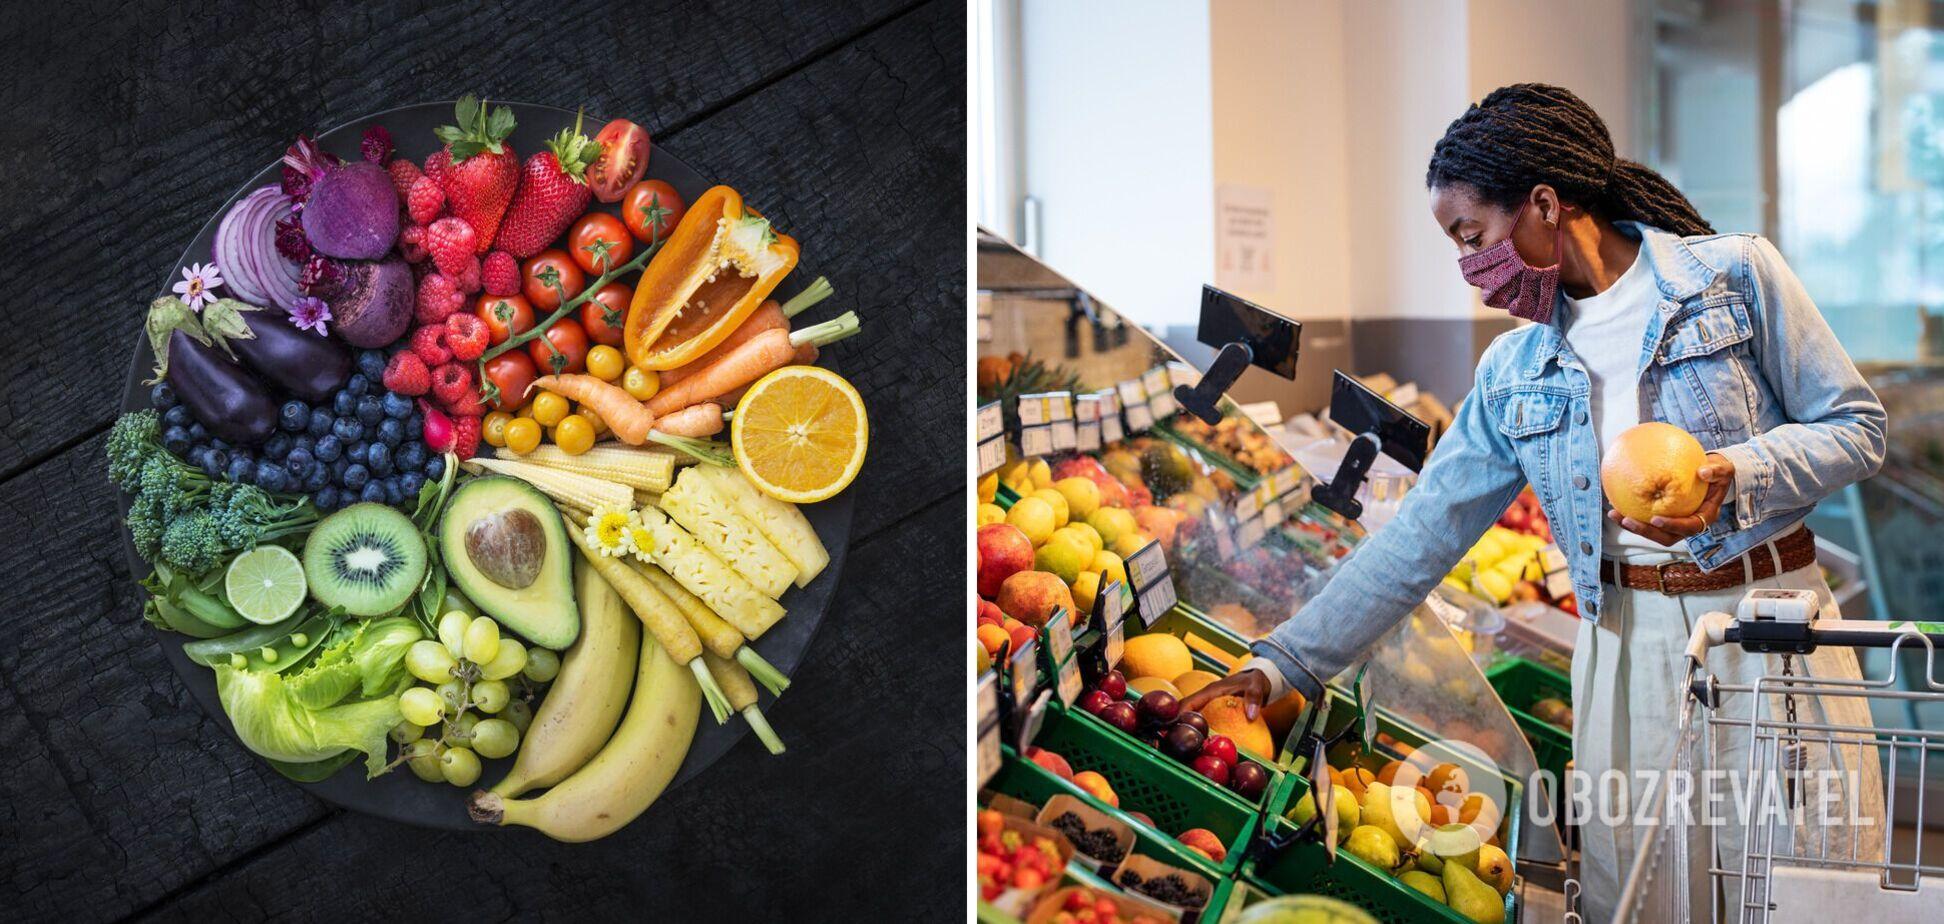 Употребление фруктов может продлить жизнь